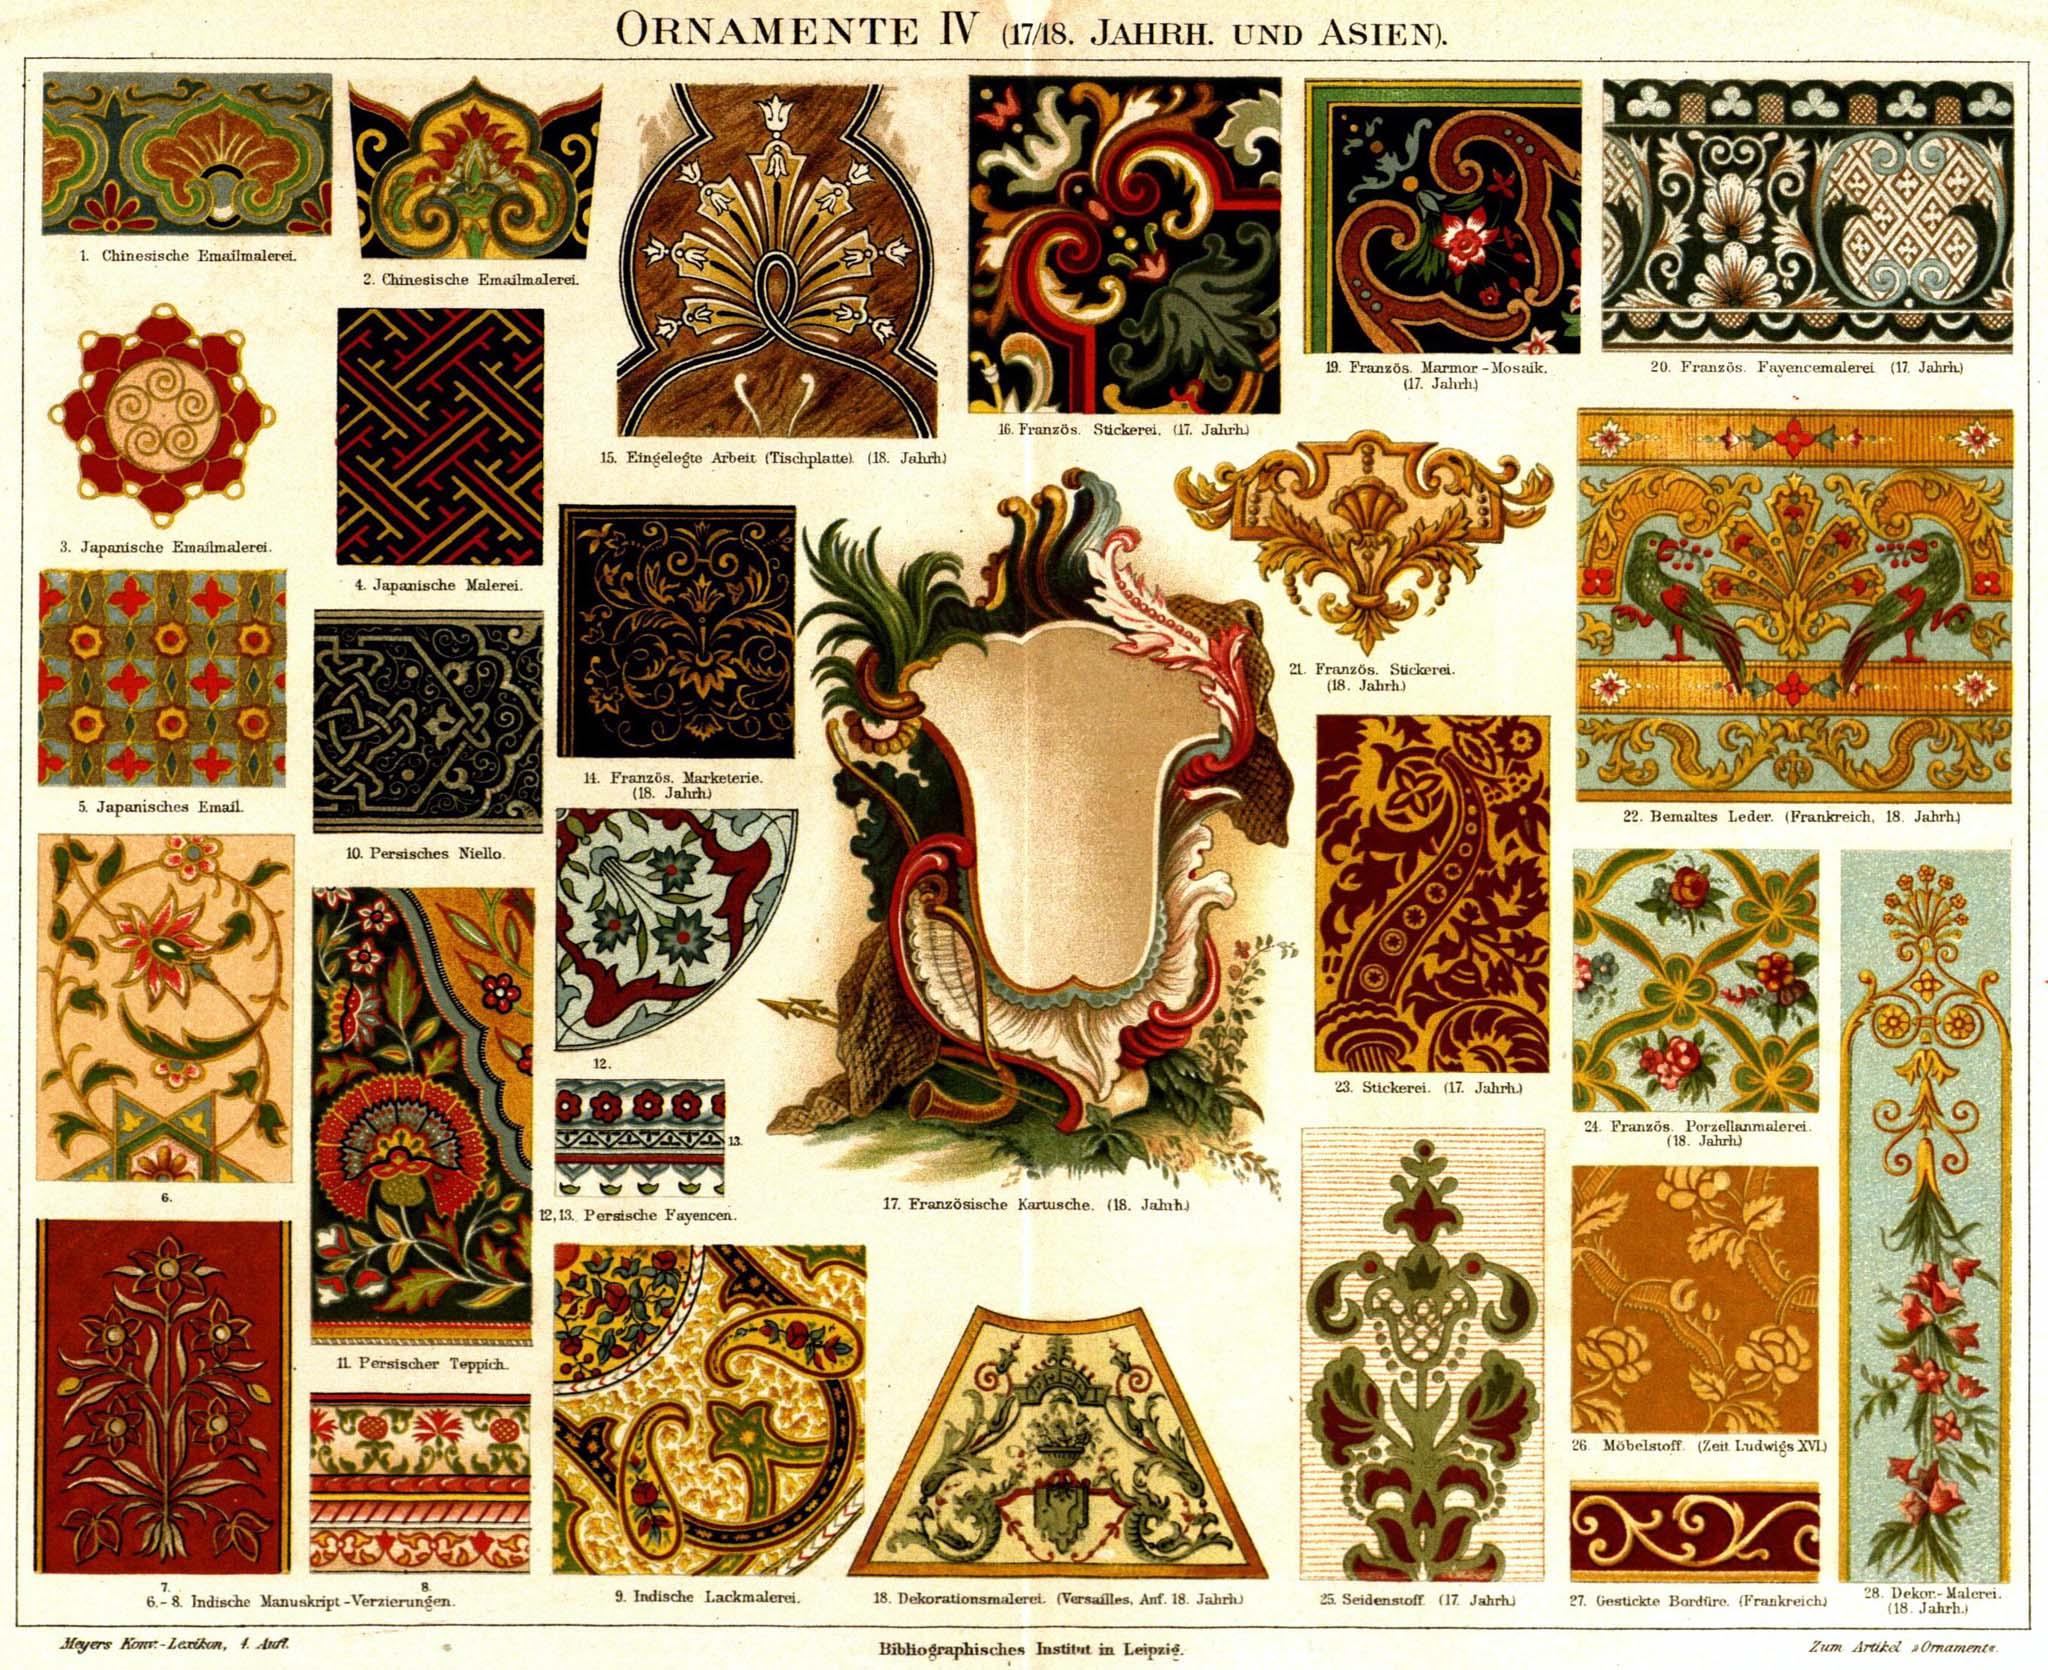 Marokkanische ornamente : Orientalischer stoff st 30 orientalische lampen